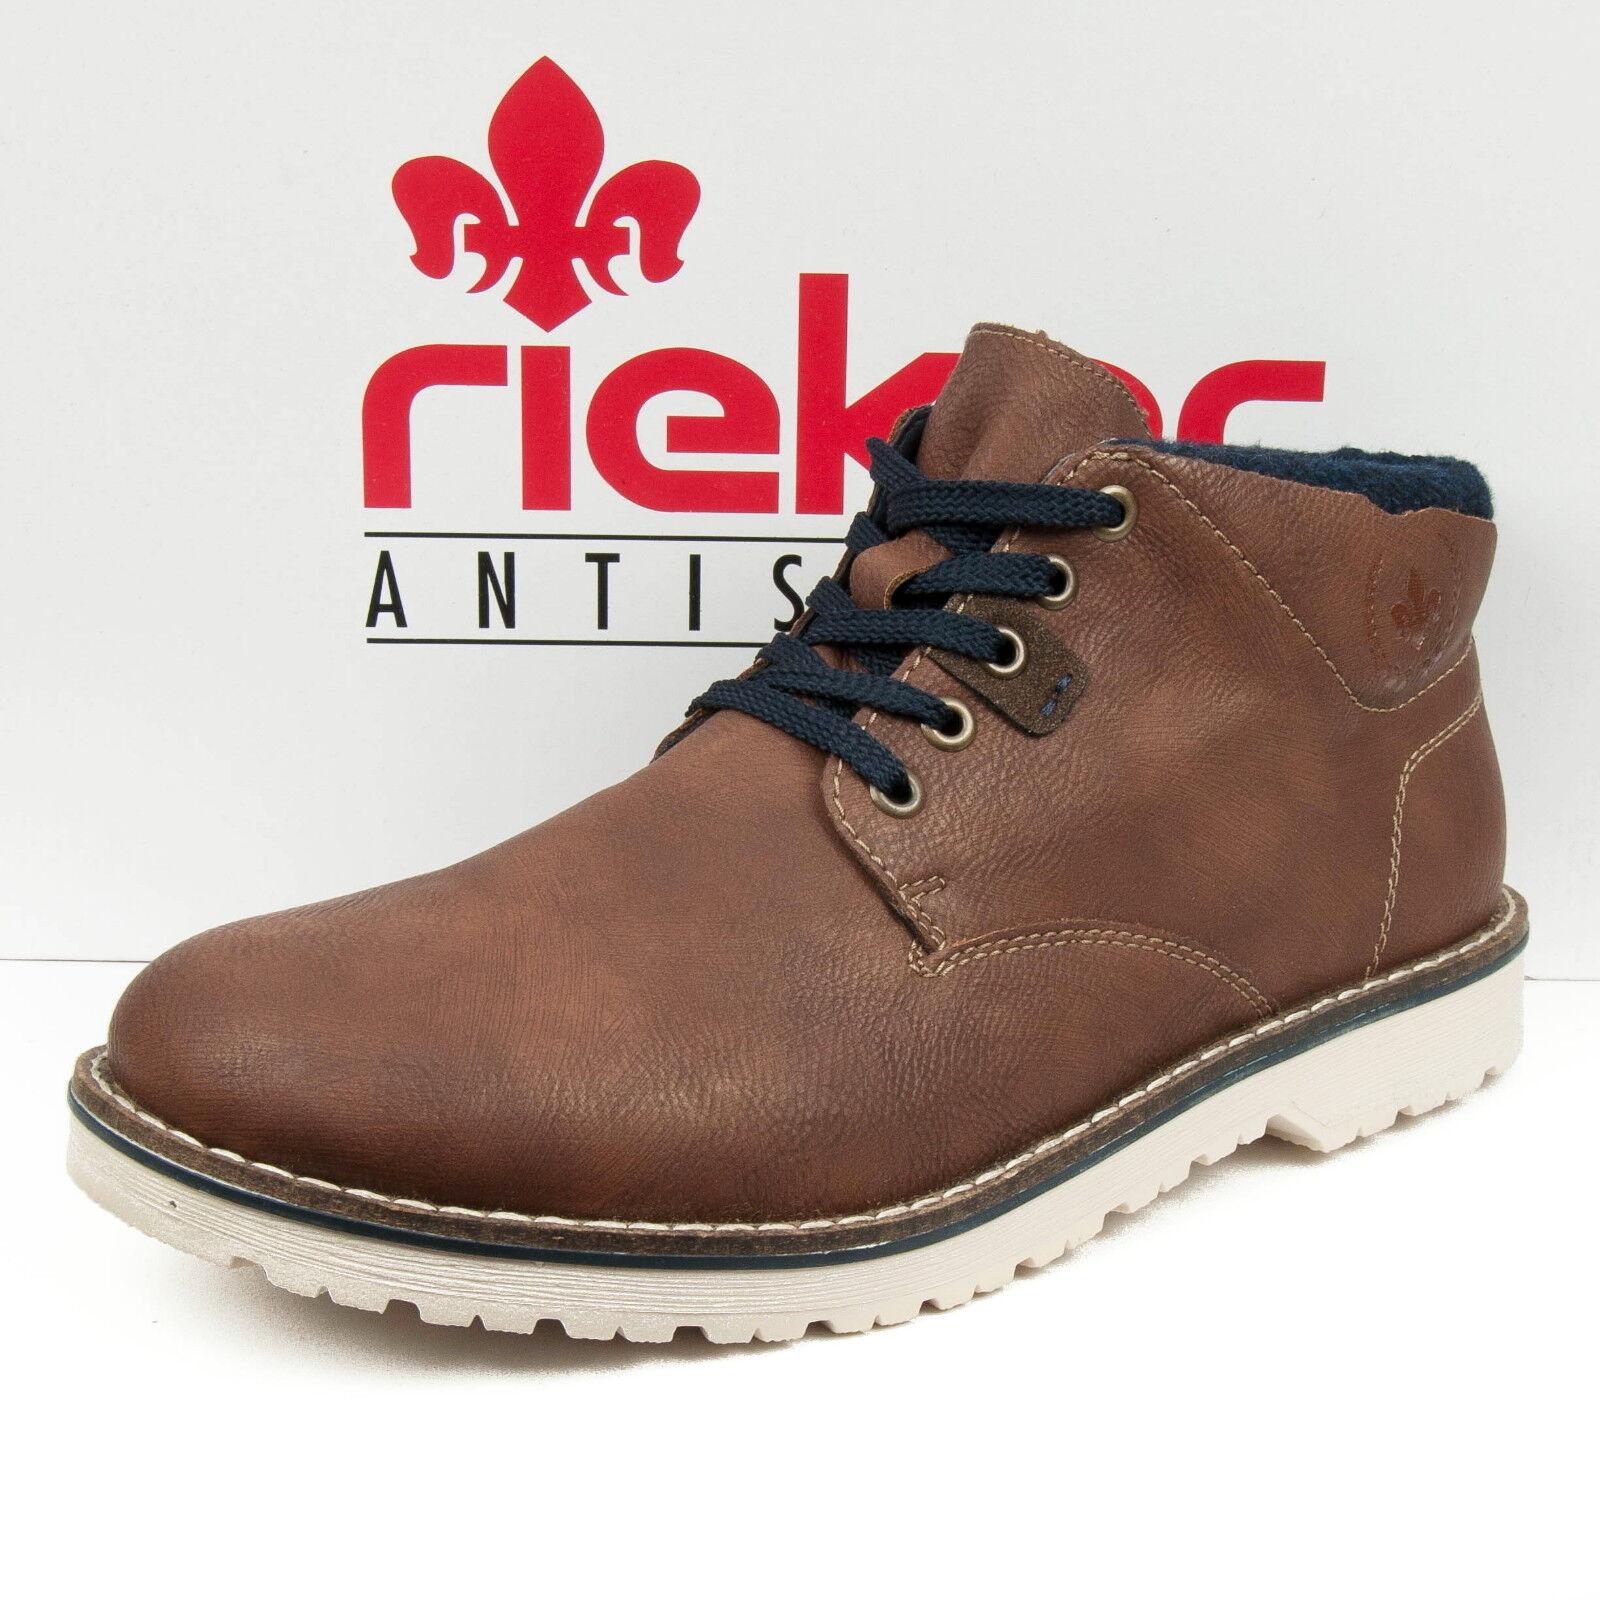 Rieker CABALLERO zapatos botas schnürbotas fleecefutter marrón combinado 39234-24